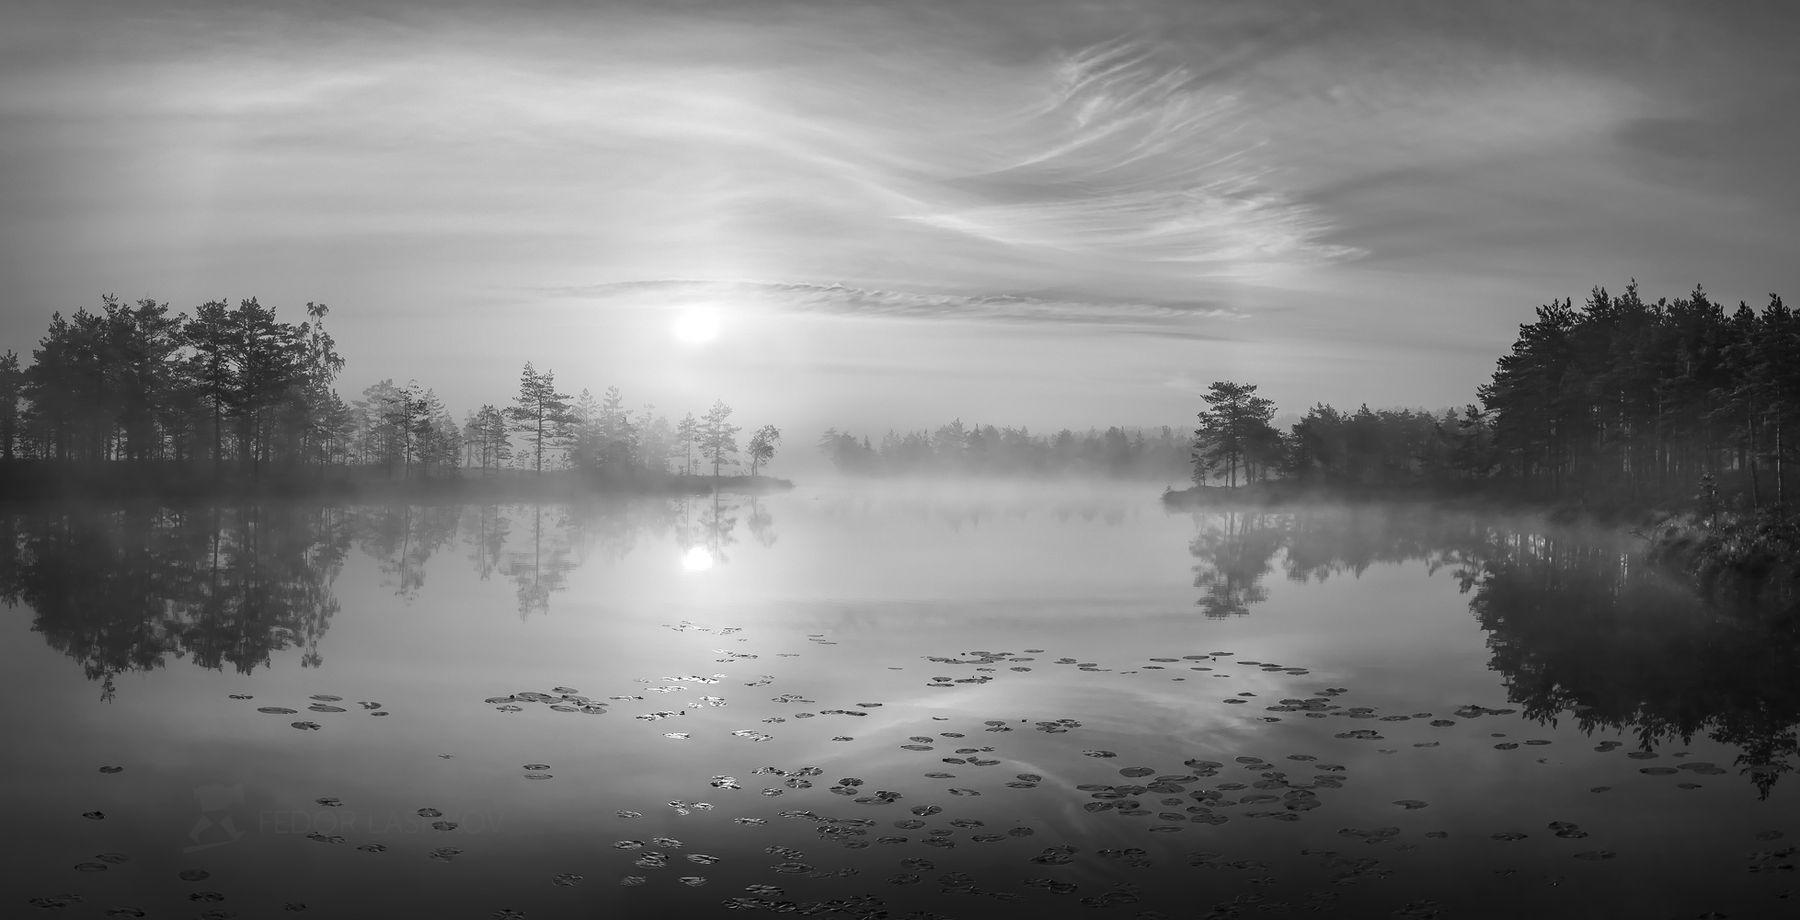 Музыка тени и света Ленинградская область рассвет лето сосны озеро отражение деревья берег небо облака болото водная гладь